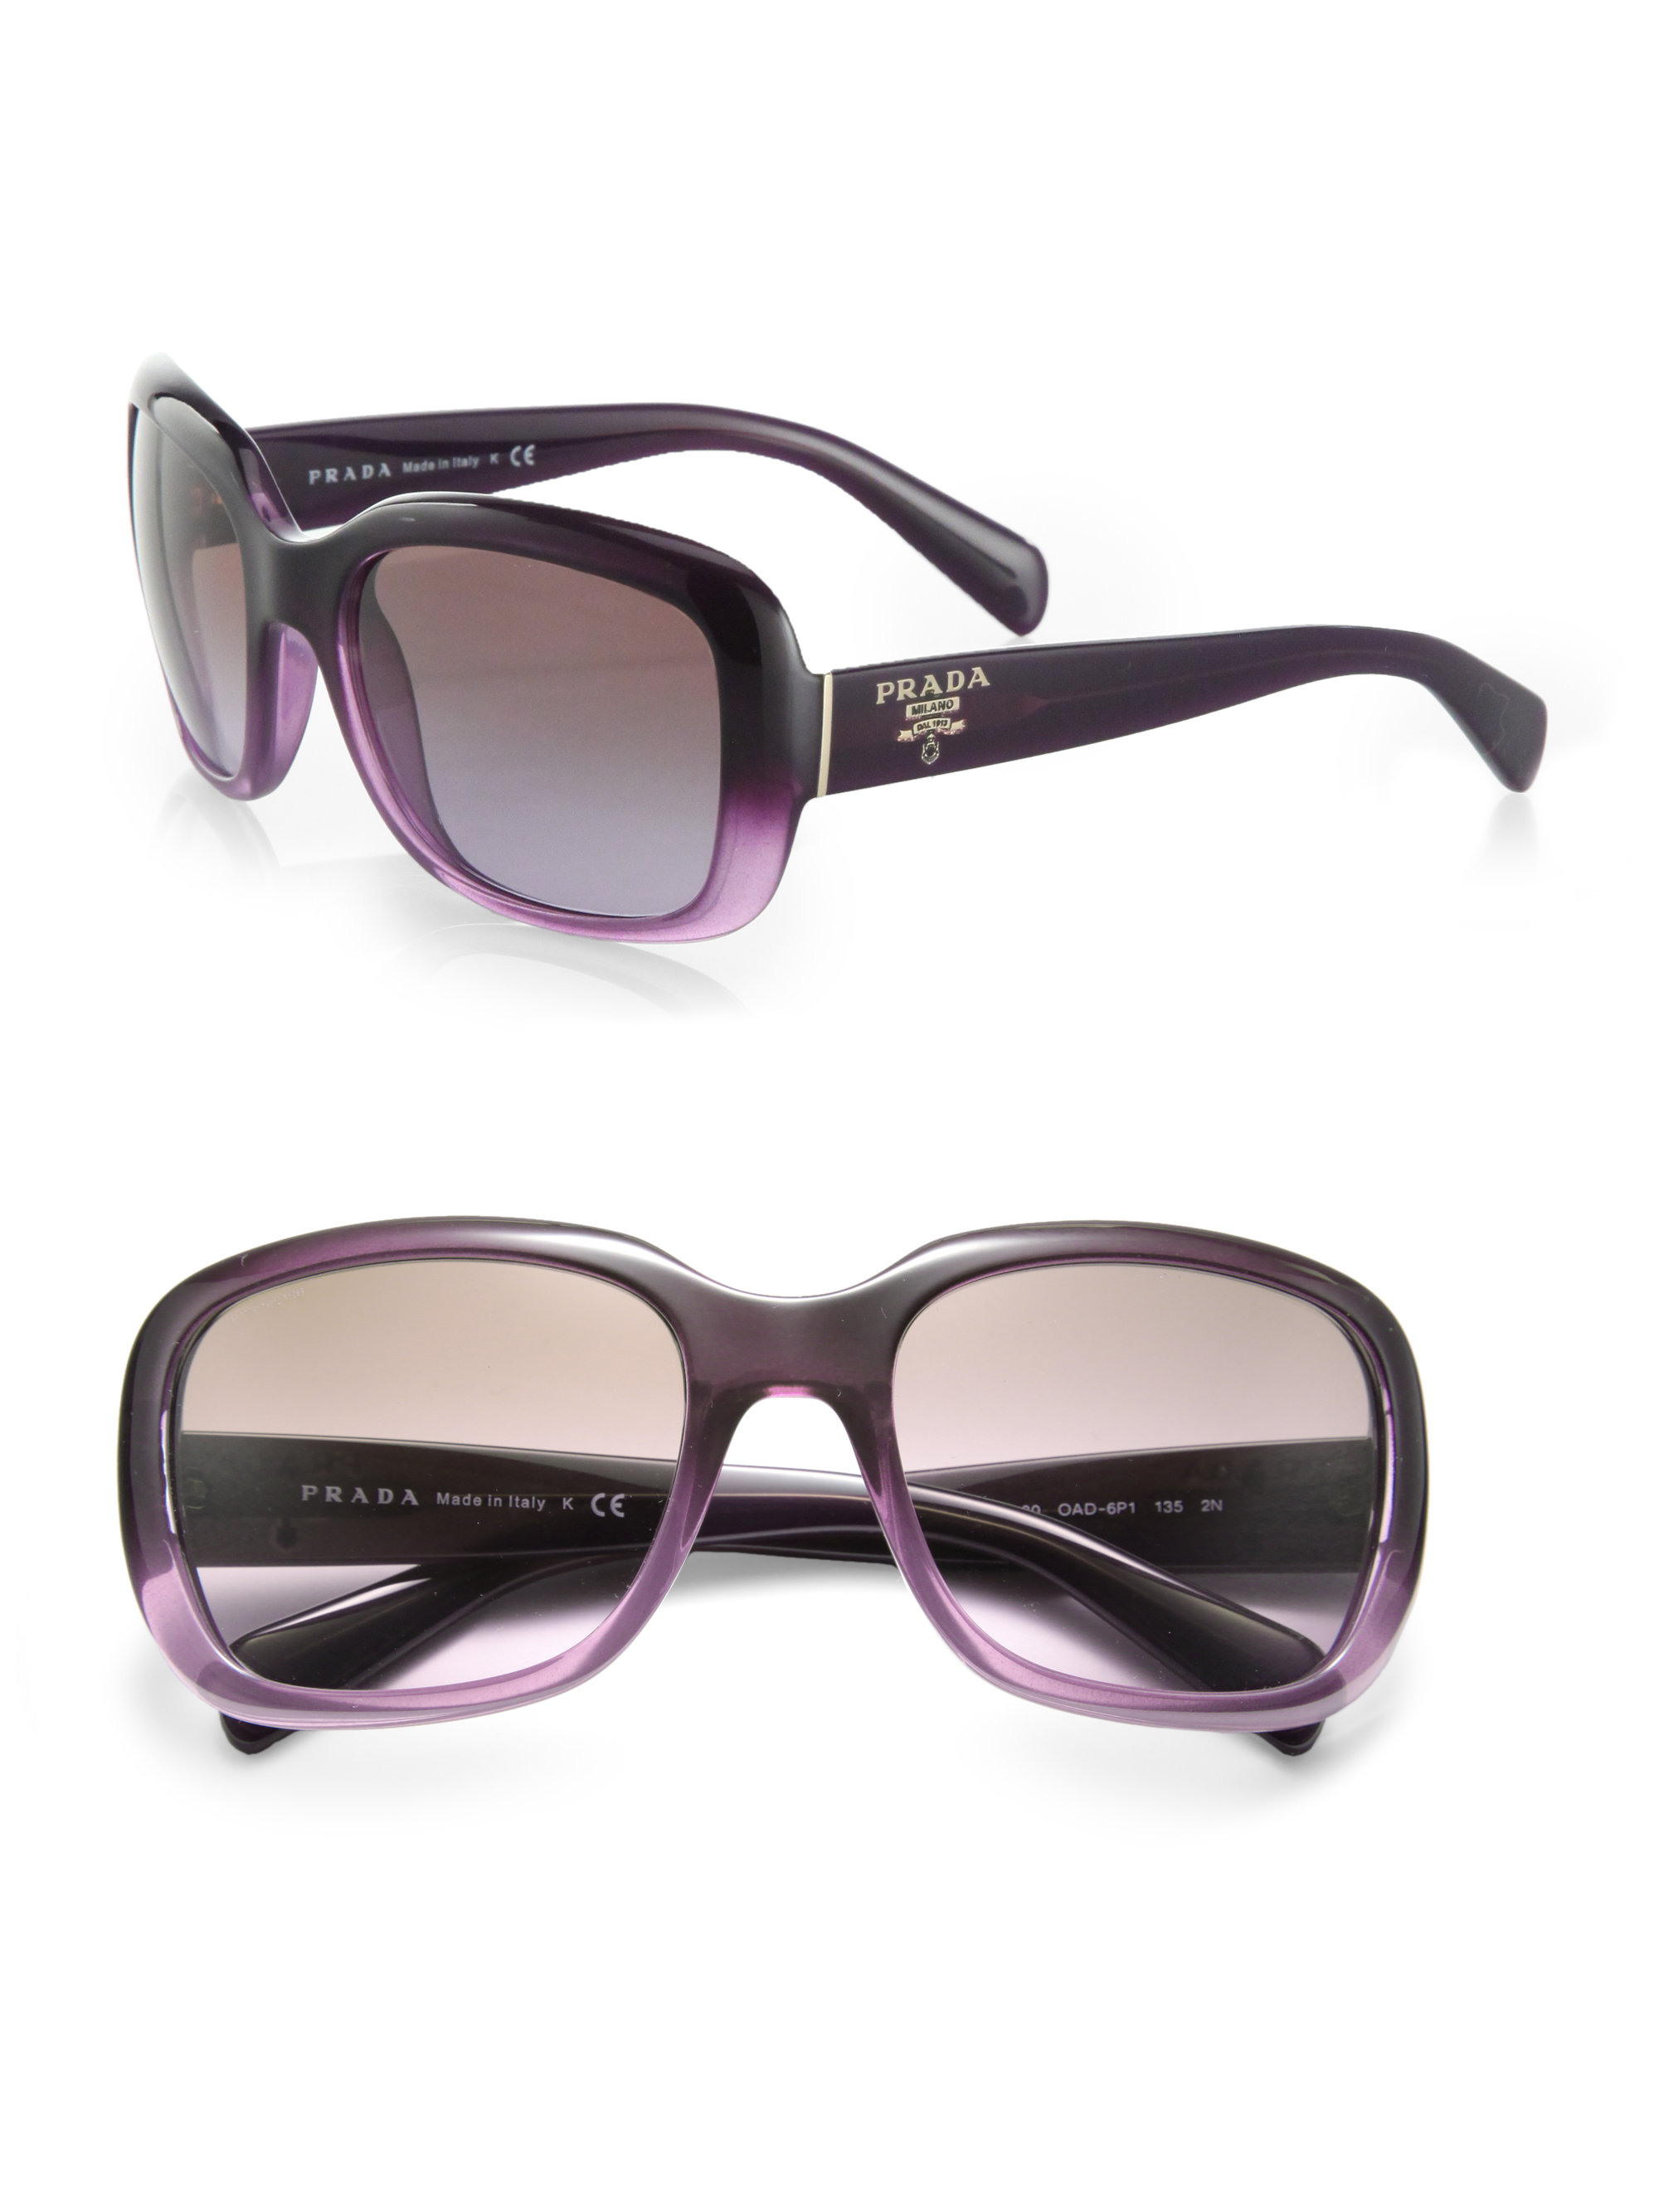 77c695452eeb ... reduced lyst prada oversized square glam sunglasses in purple a44c2  1eb4c